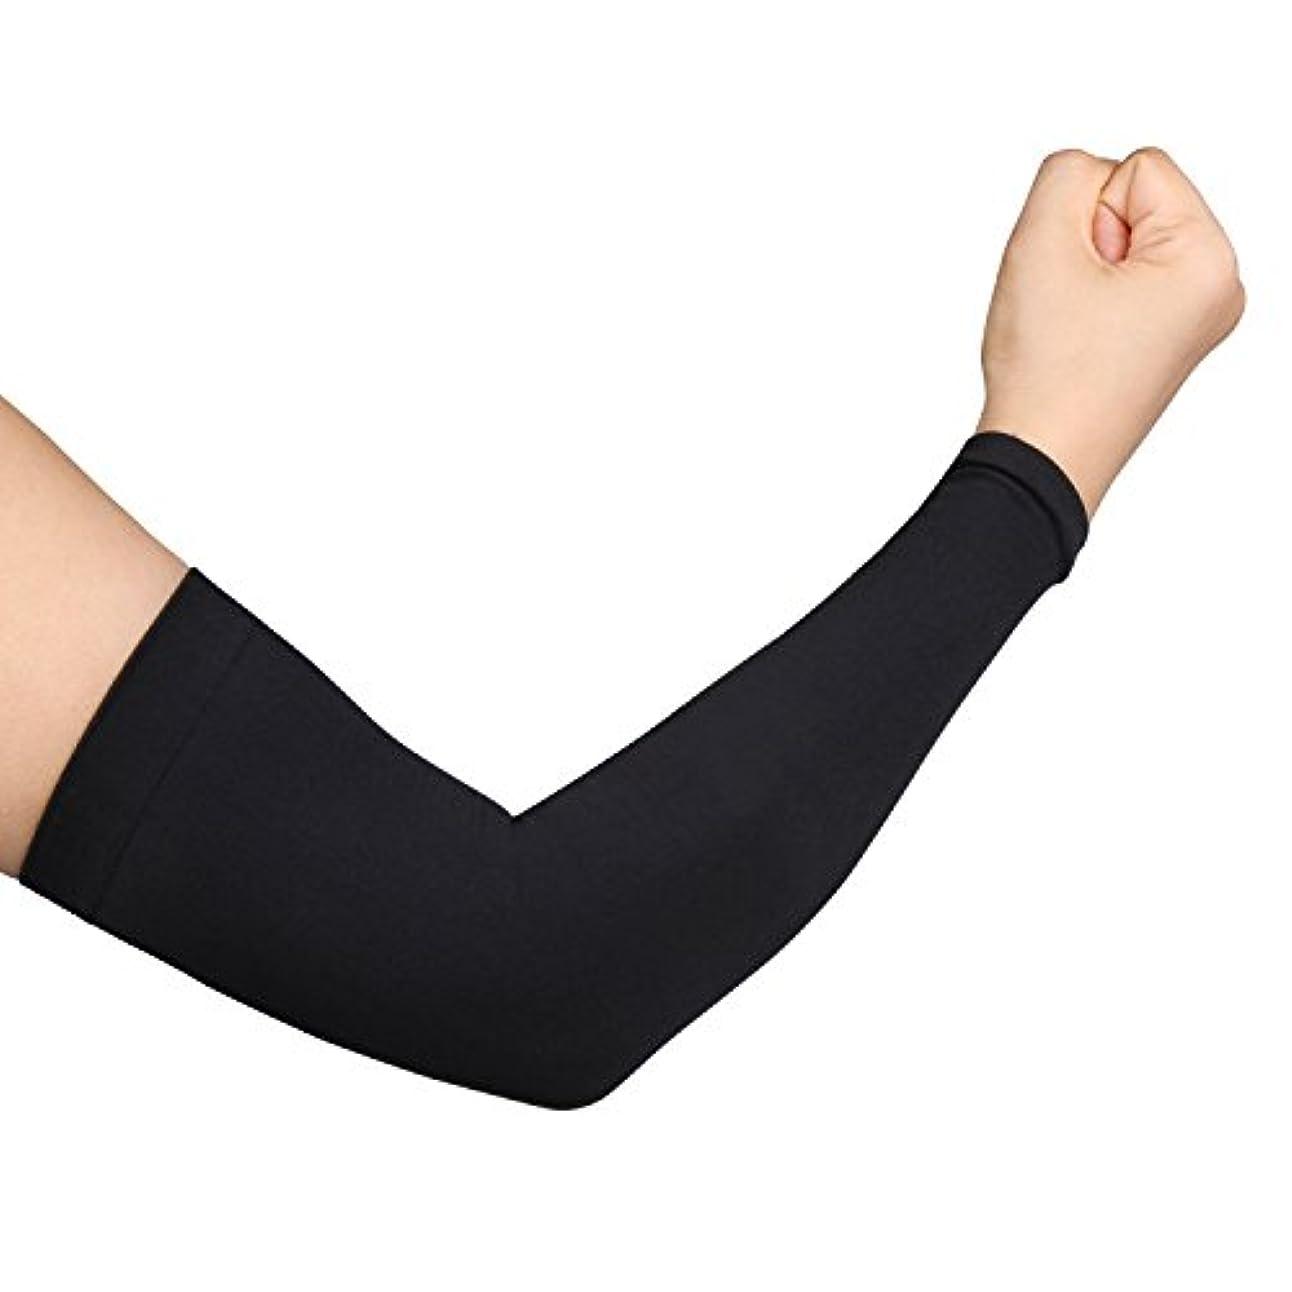 マート防腐剤自明アームカバー 腕カバー 無地 吸汗速乾 滑り止め UPF50+ UV対策 日焼け止め 紫外線対策 スポーツ 自転車 男女兼用 両腕4枚組AKIRAKA